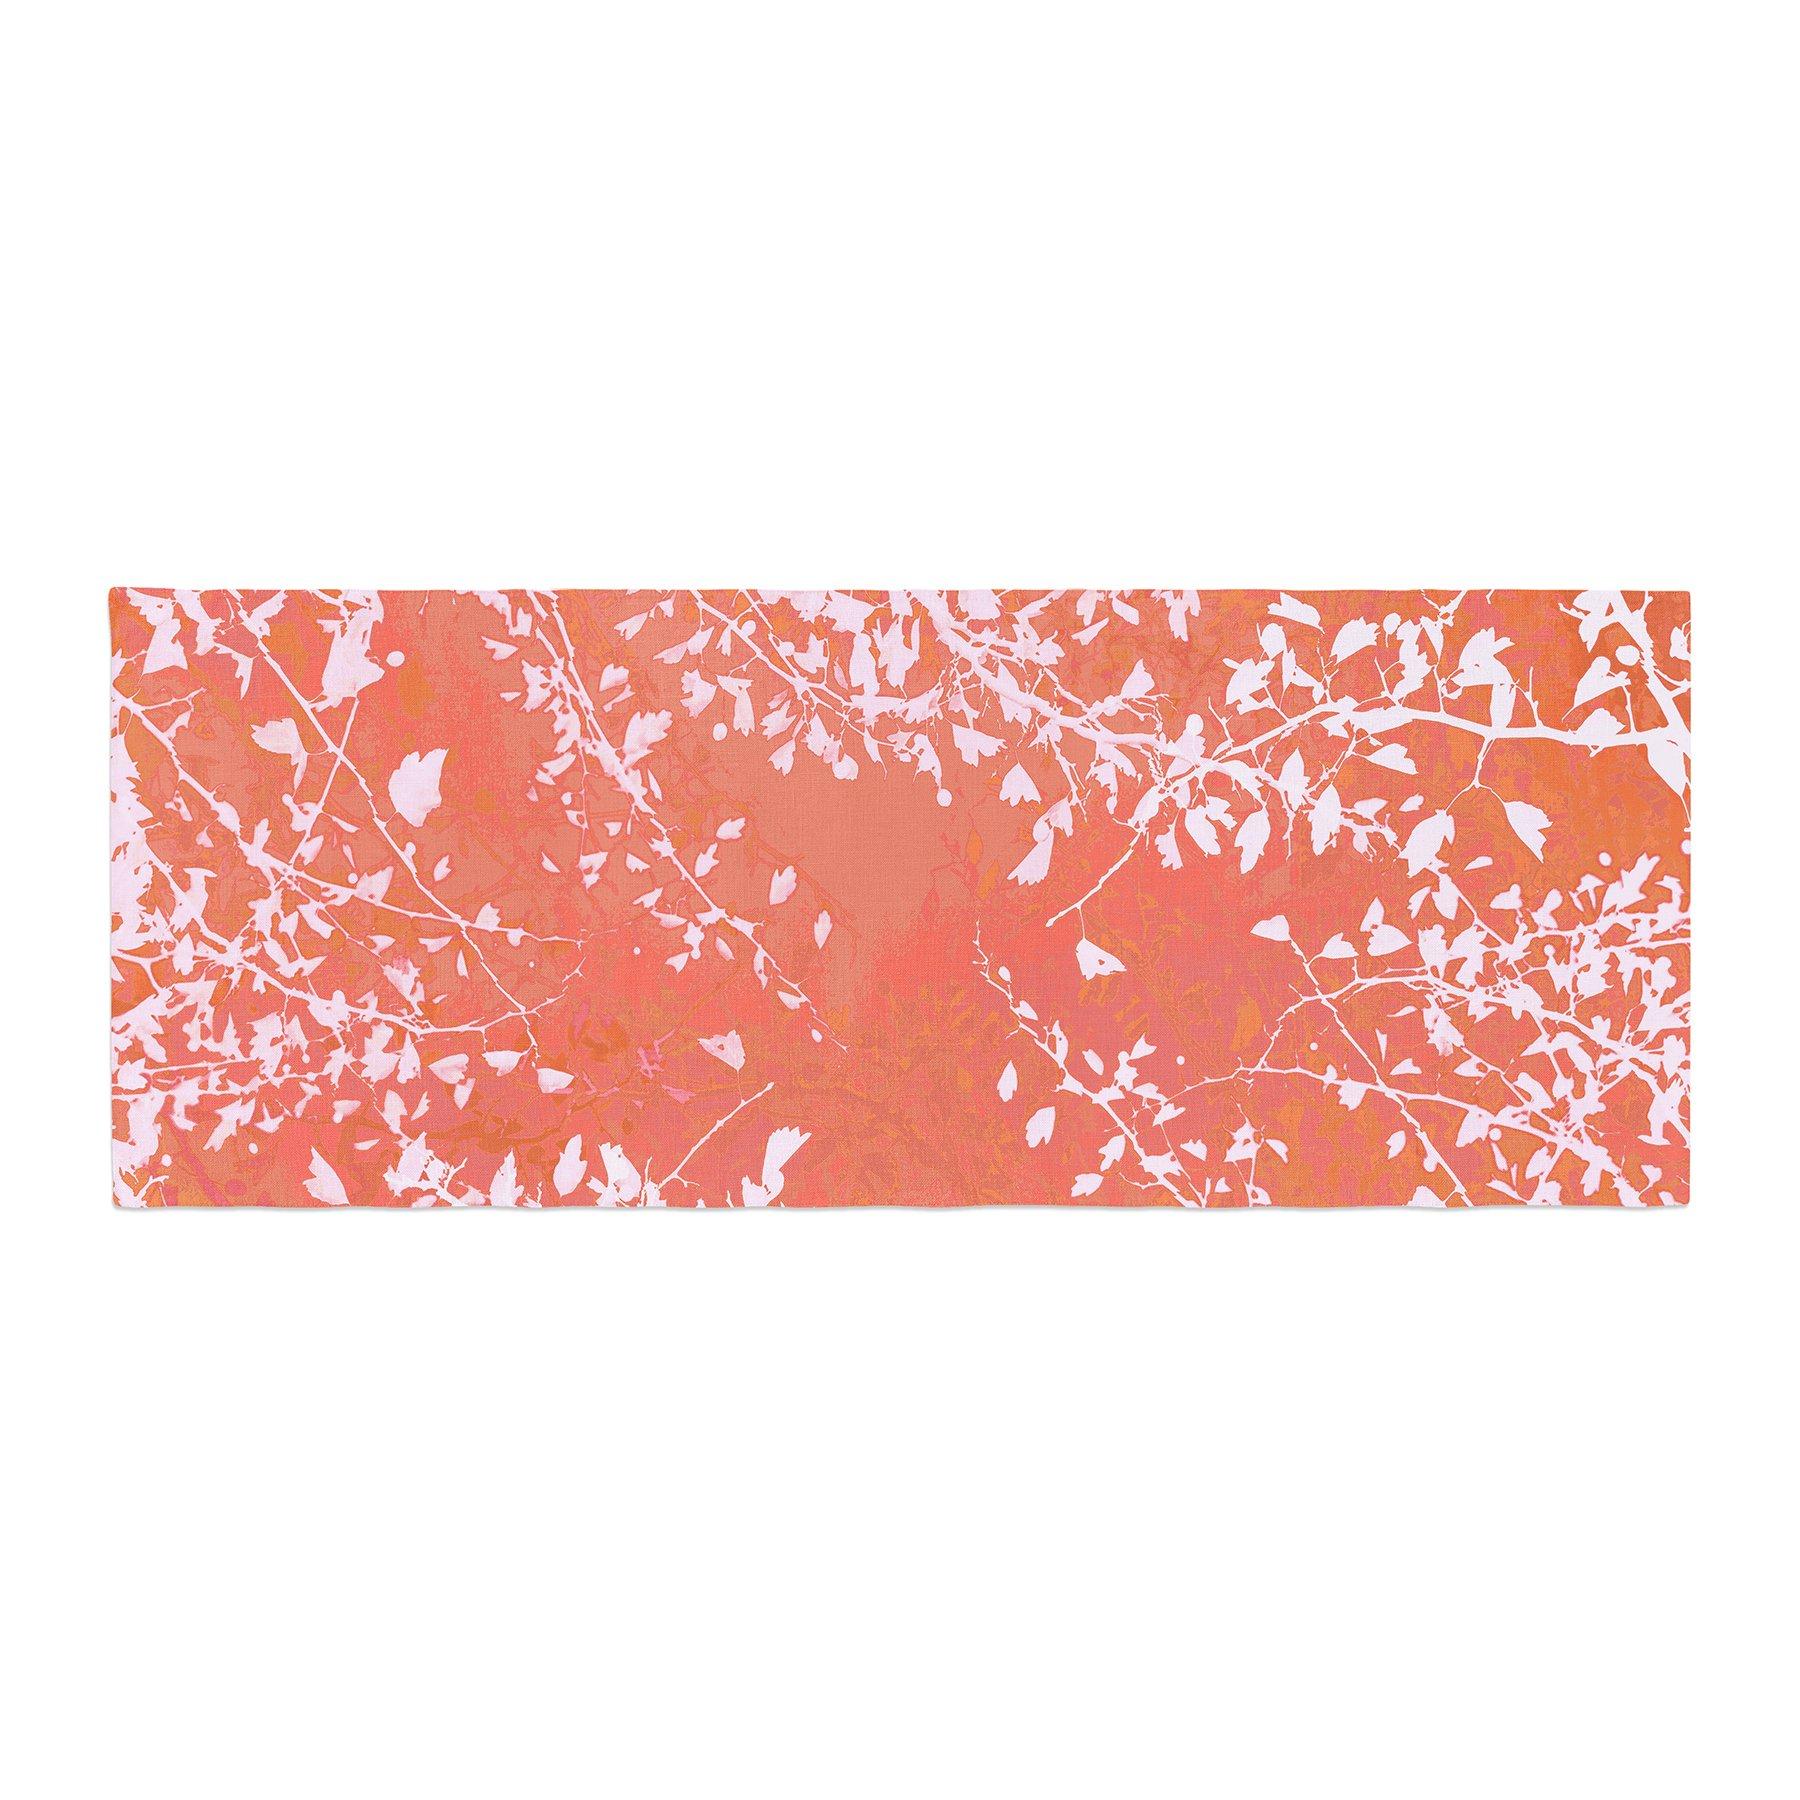 Kess InHouse Iris Lehnhardt Twigs Silhouette Coral Orange Bed Runner, 34'' x 86''